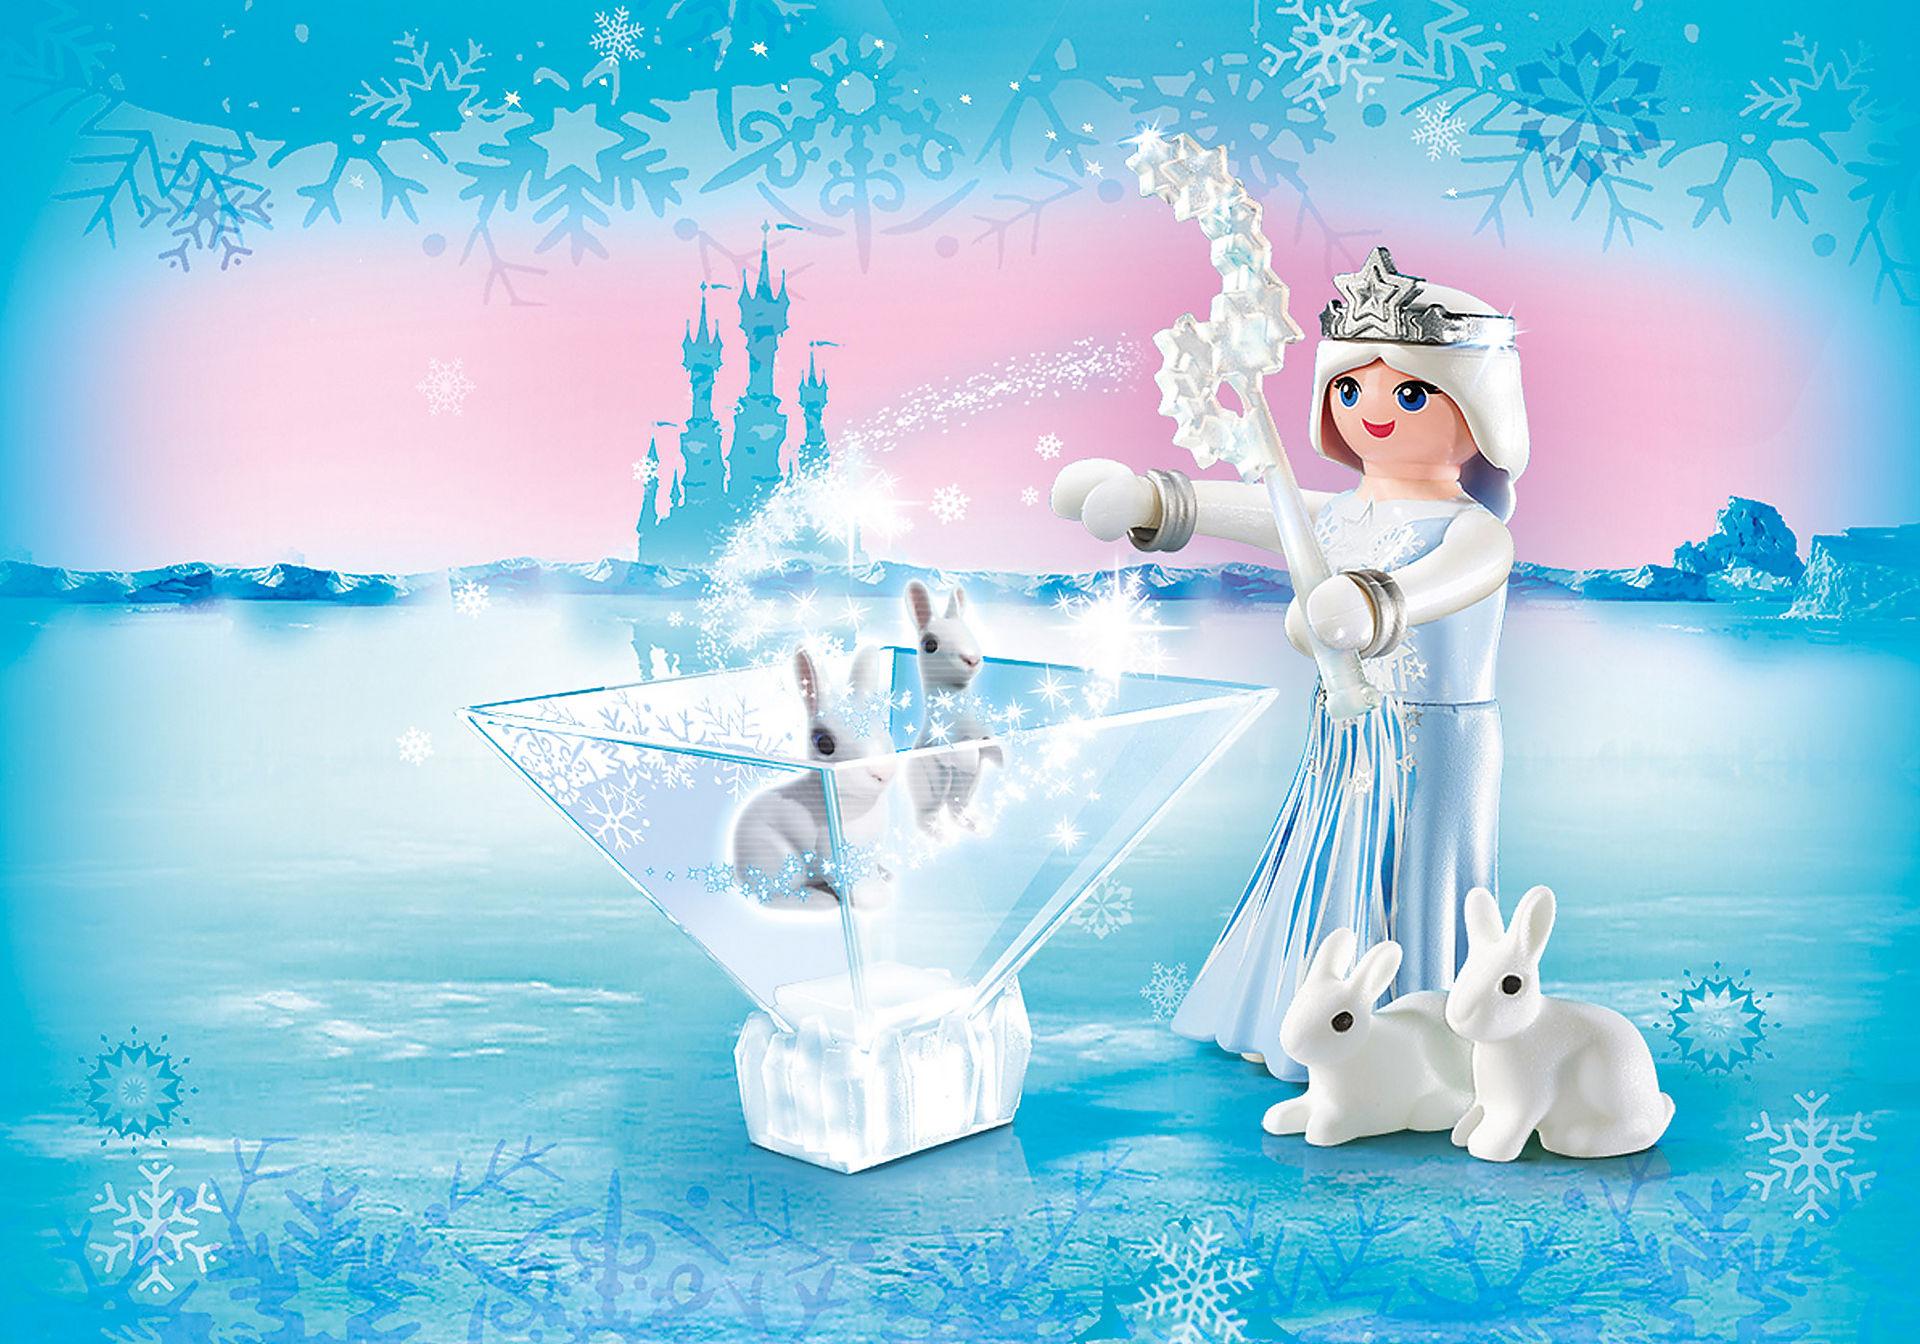 9352 Πριγκίπισσα του χειμώνα με λαγουδάκια zoom image1